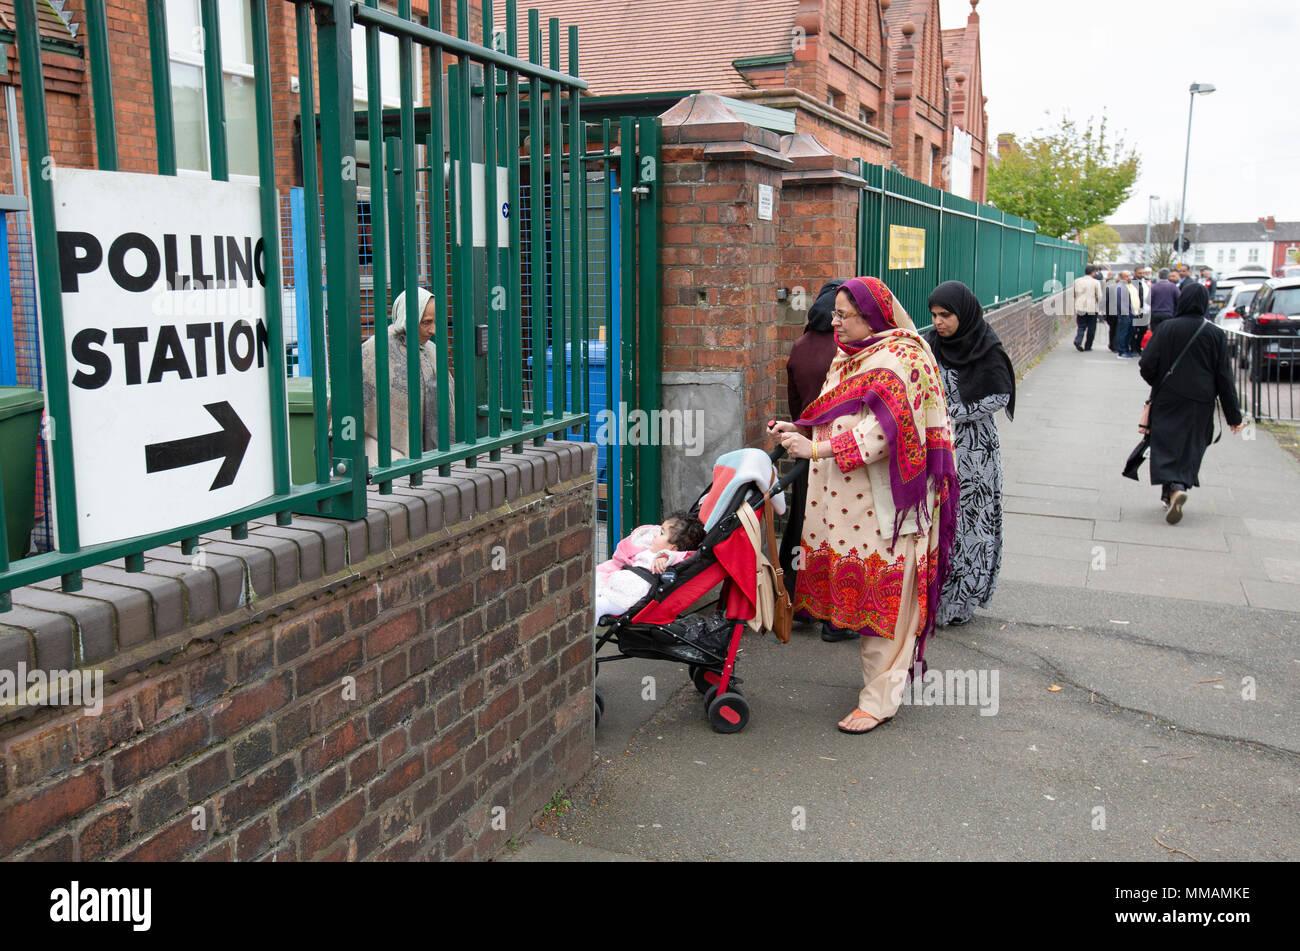 Los votantes musulmanes que llegan a un puesto de votación en Small Heath, Birmingham, para las elecciones locales en mayo de 2018. Imagen De Stock